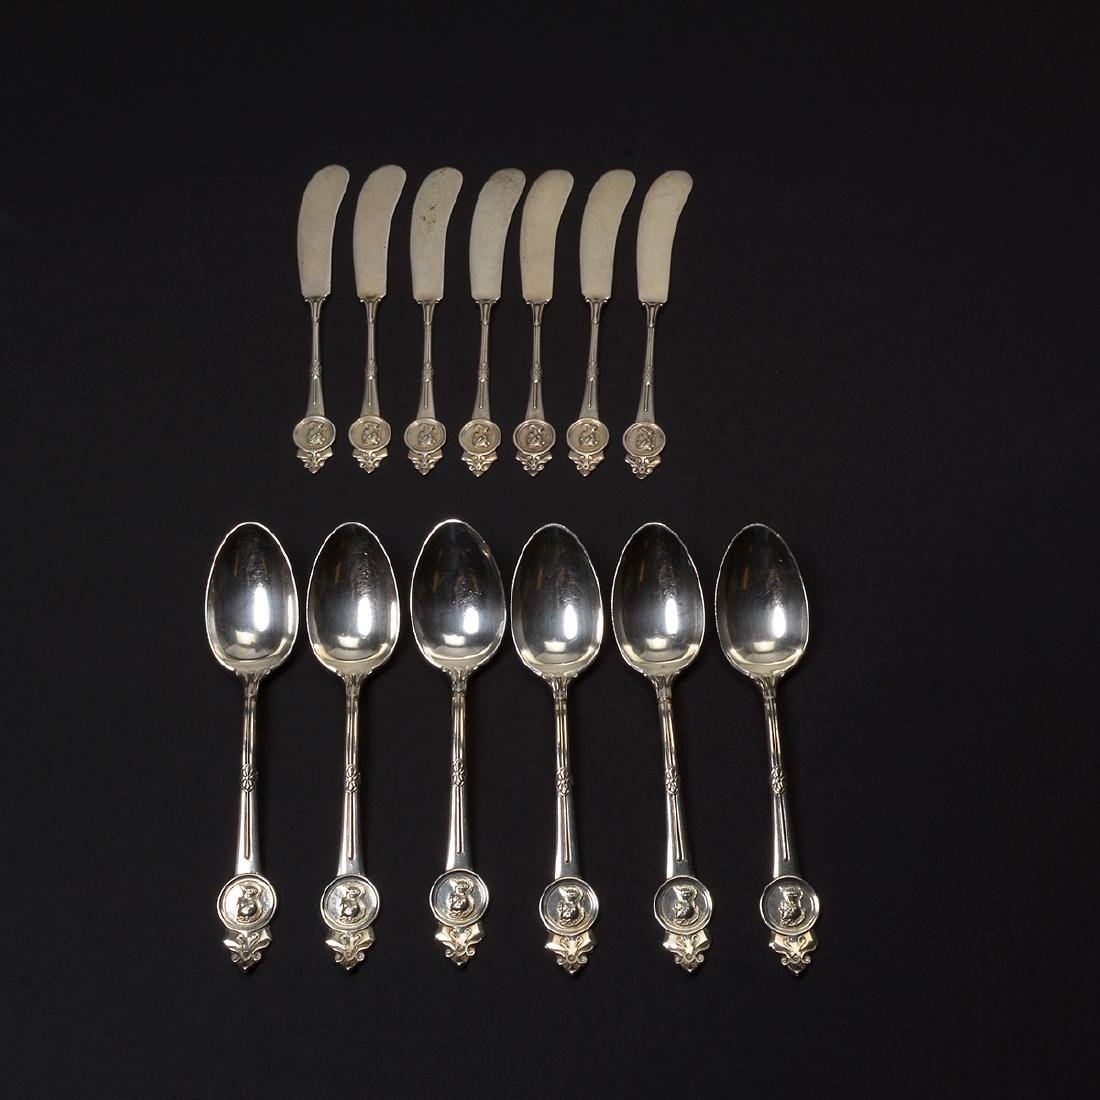 Gorham Medallion Sterling Flatware Set (111 pcs) - 10